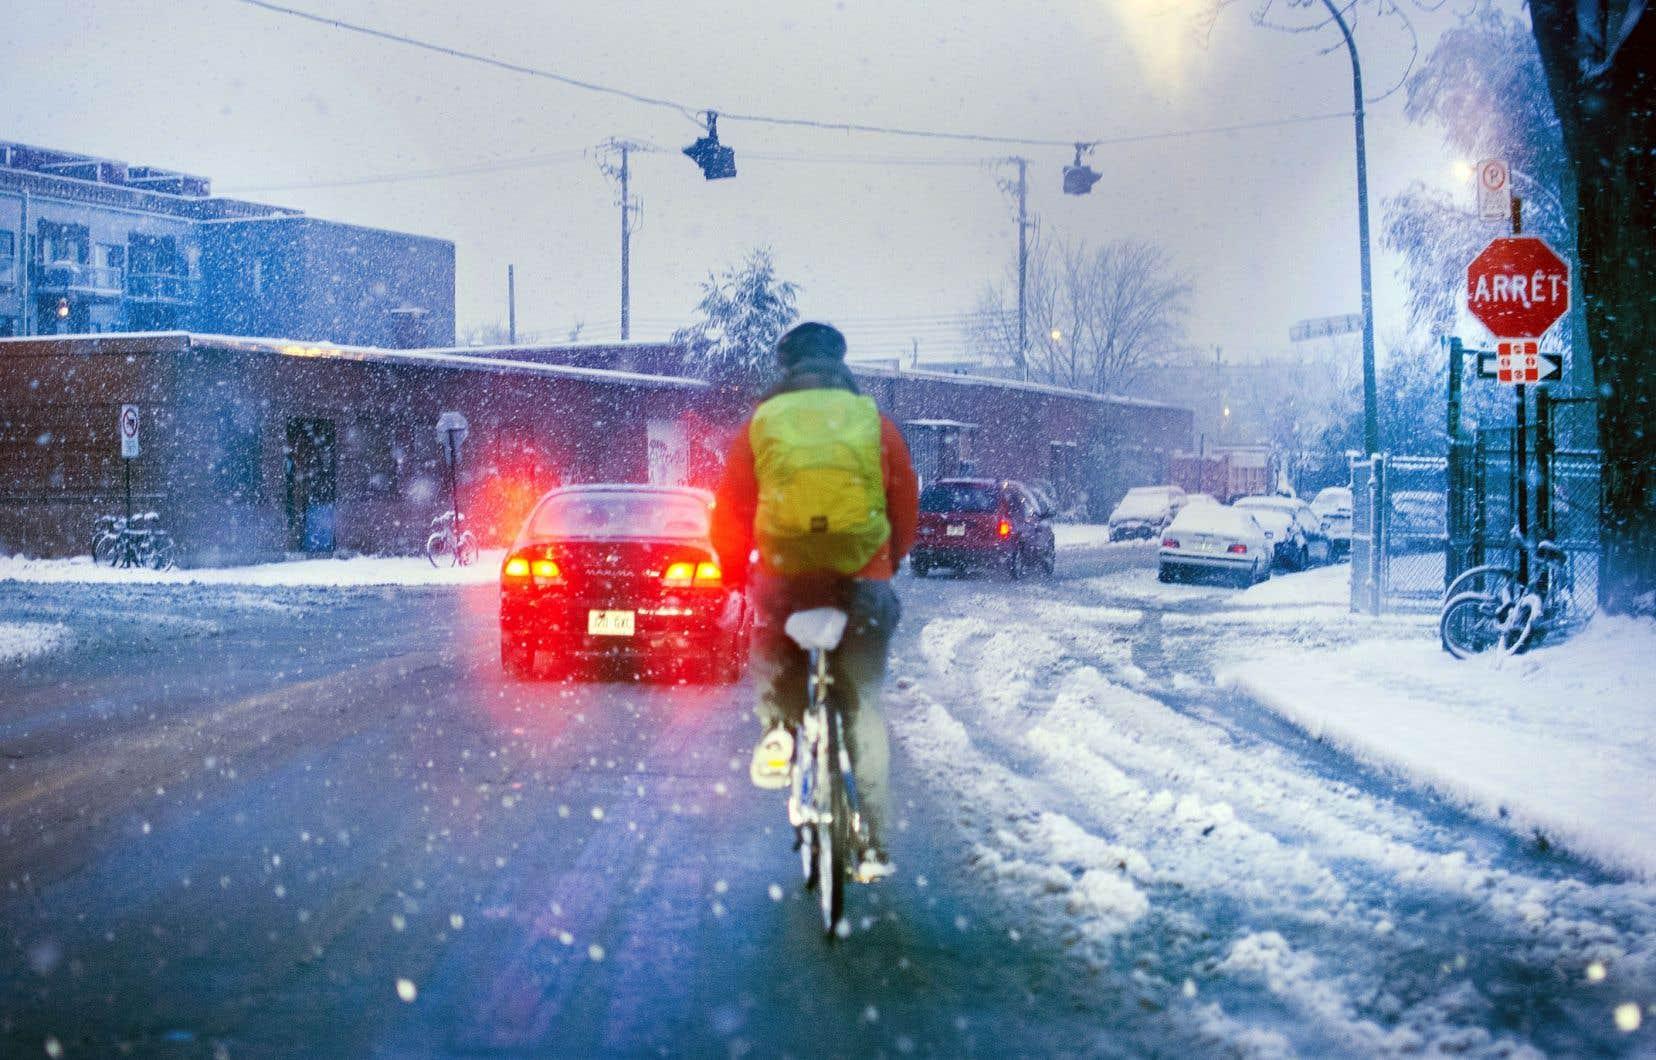 L'approche Vision zéro prône l'implantation de mesures pour protéger les plus vulnérables de la route, soit les piétons et les cyclistes.